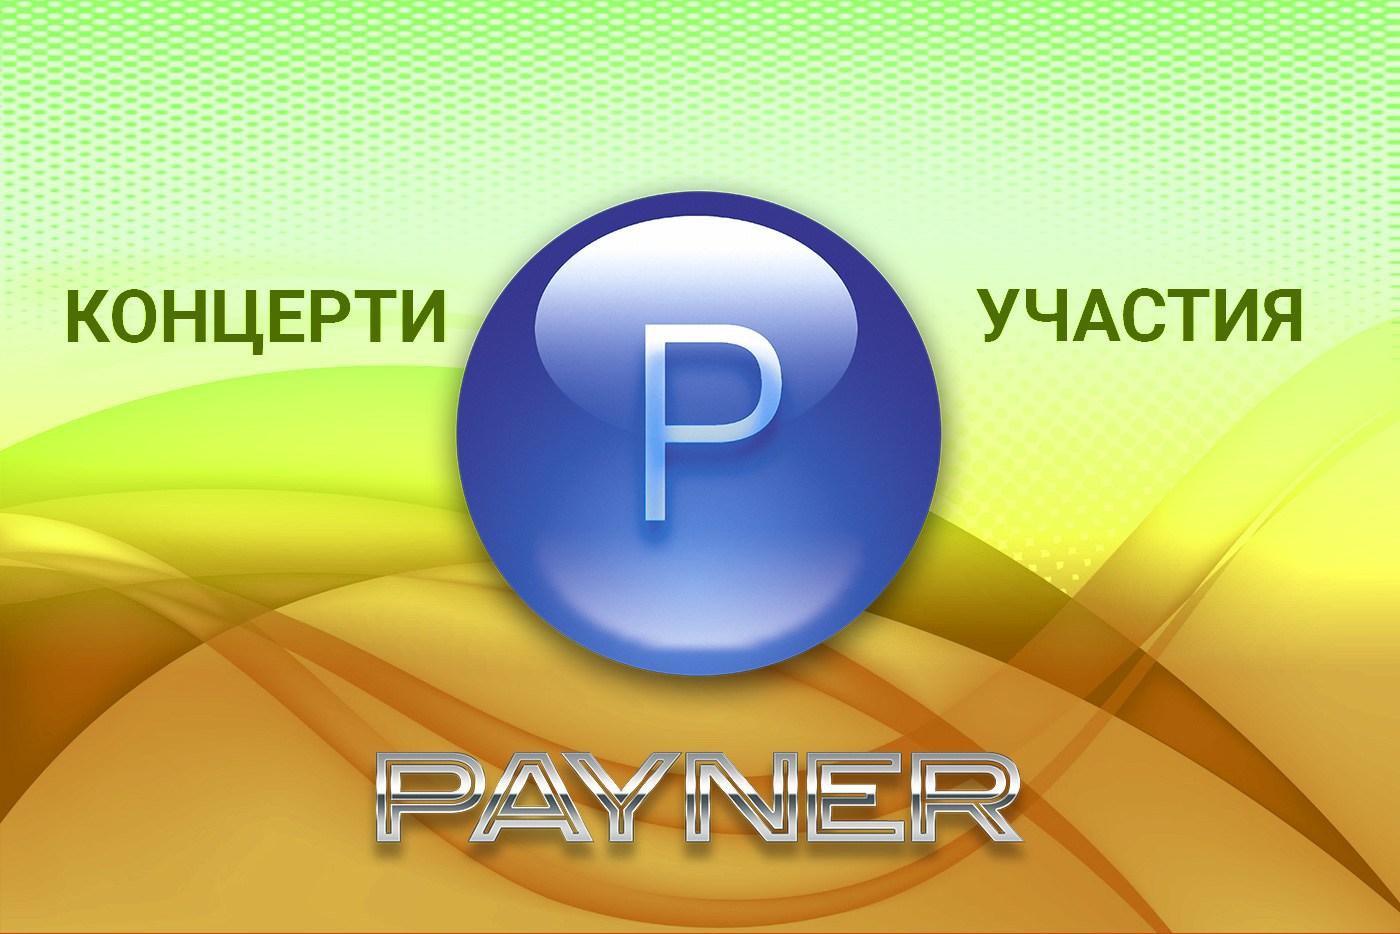 """Участия на звездите на """"Пайнер"""" на 17.02.2019"""